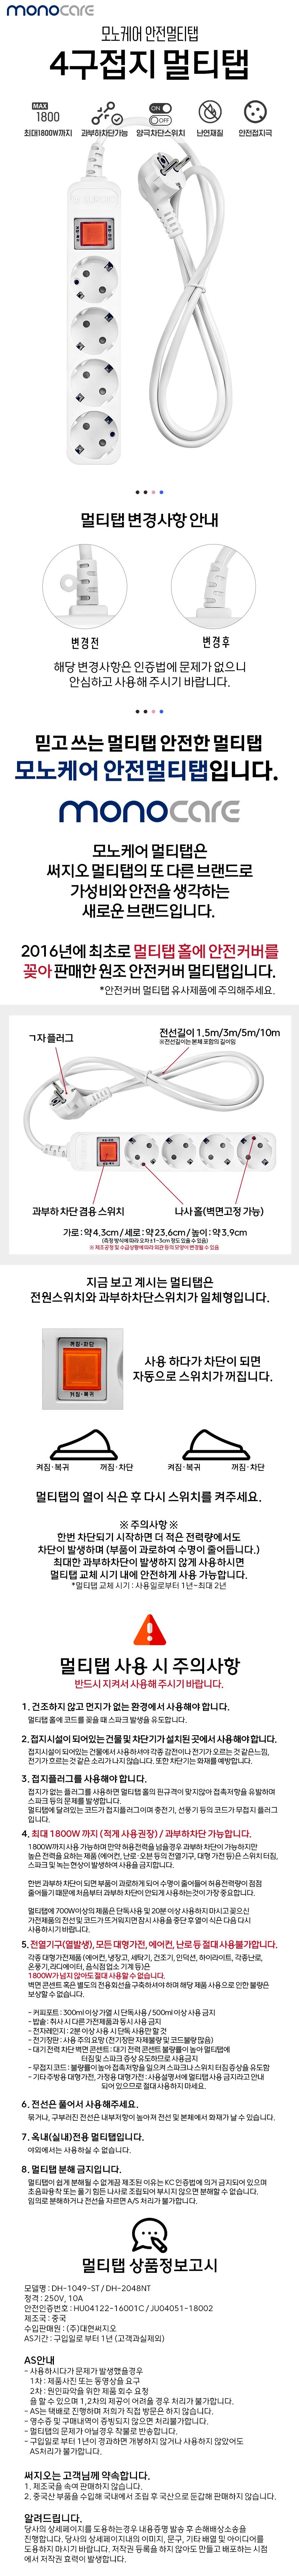 대현써지오 대현써지오 모노케어 4구 10A 메인스위치 멀티탭 (5m)